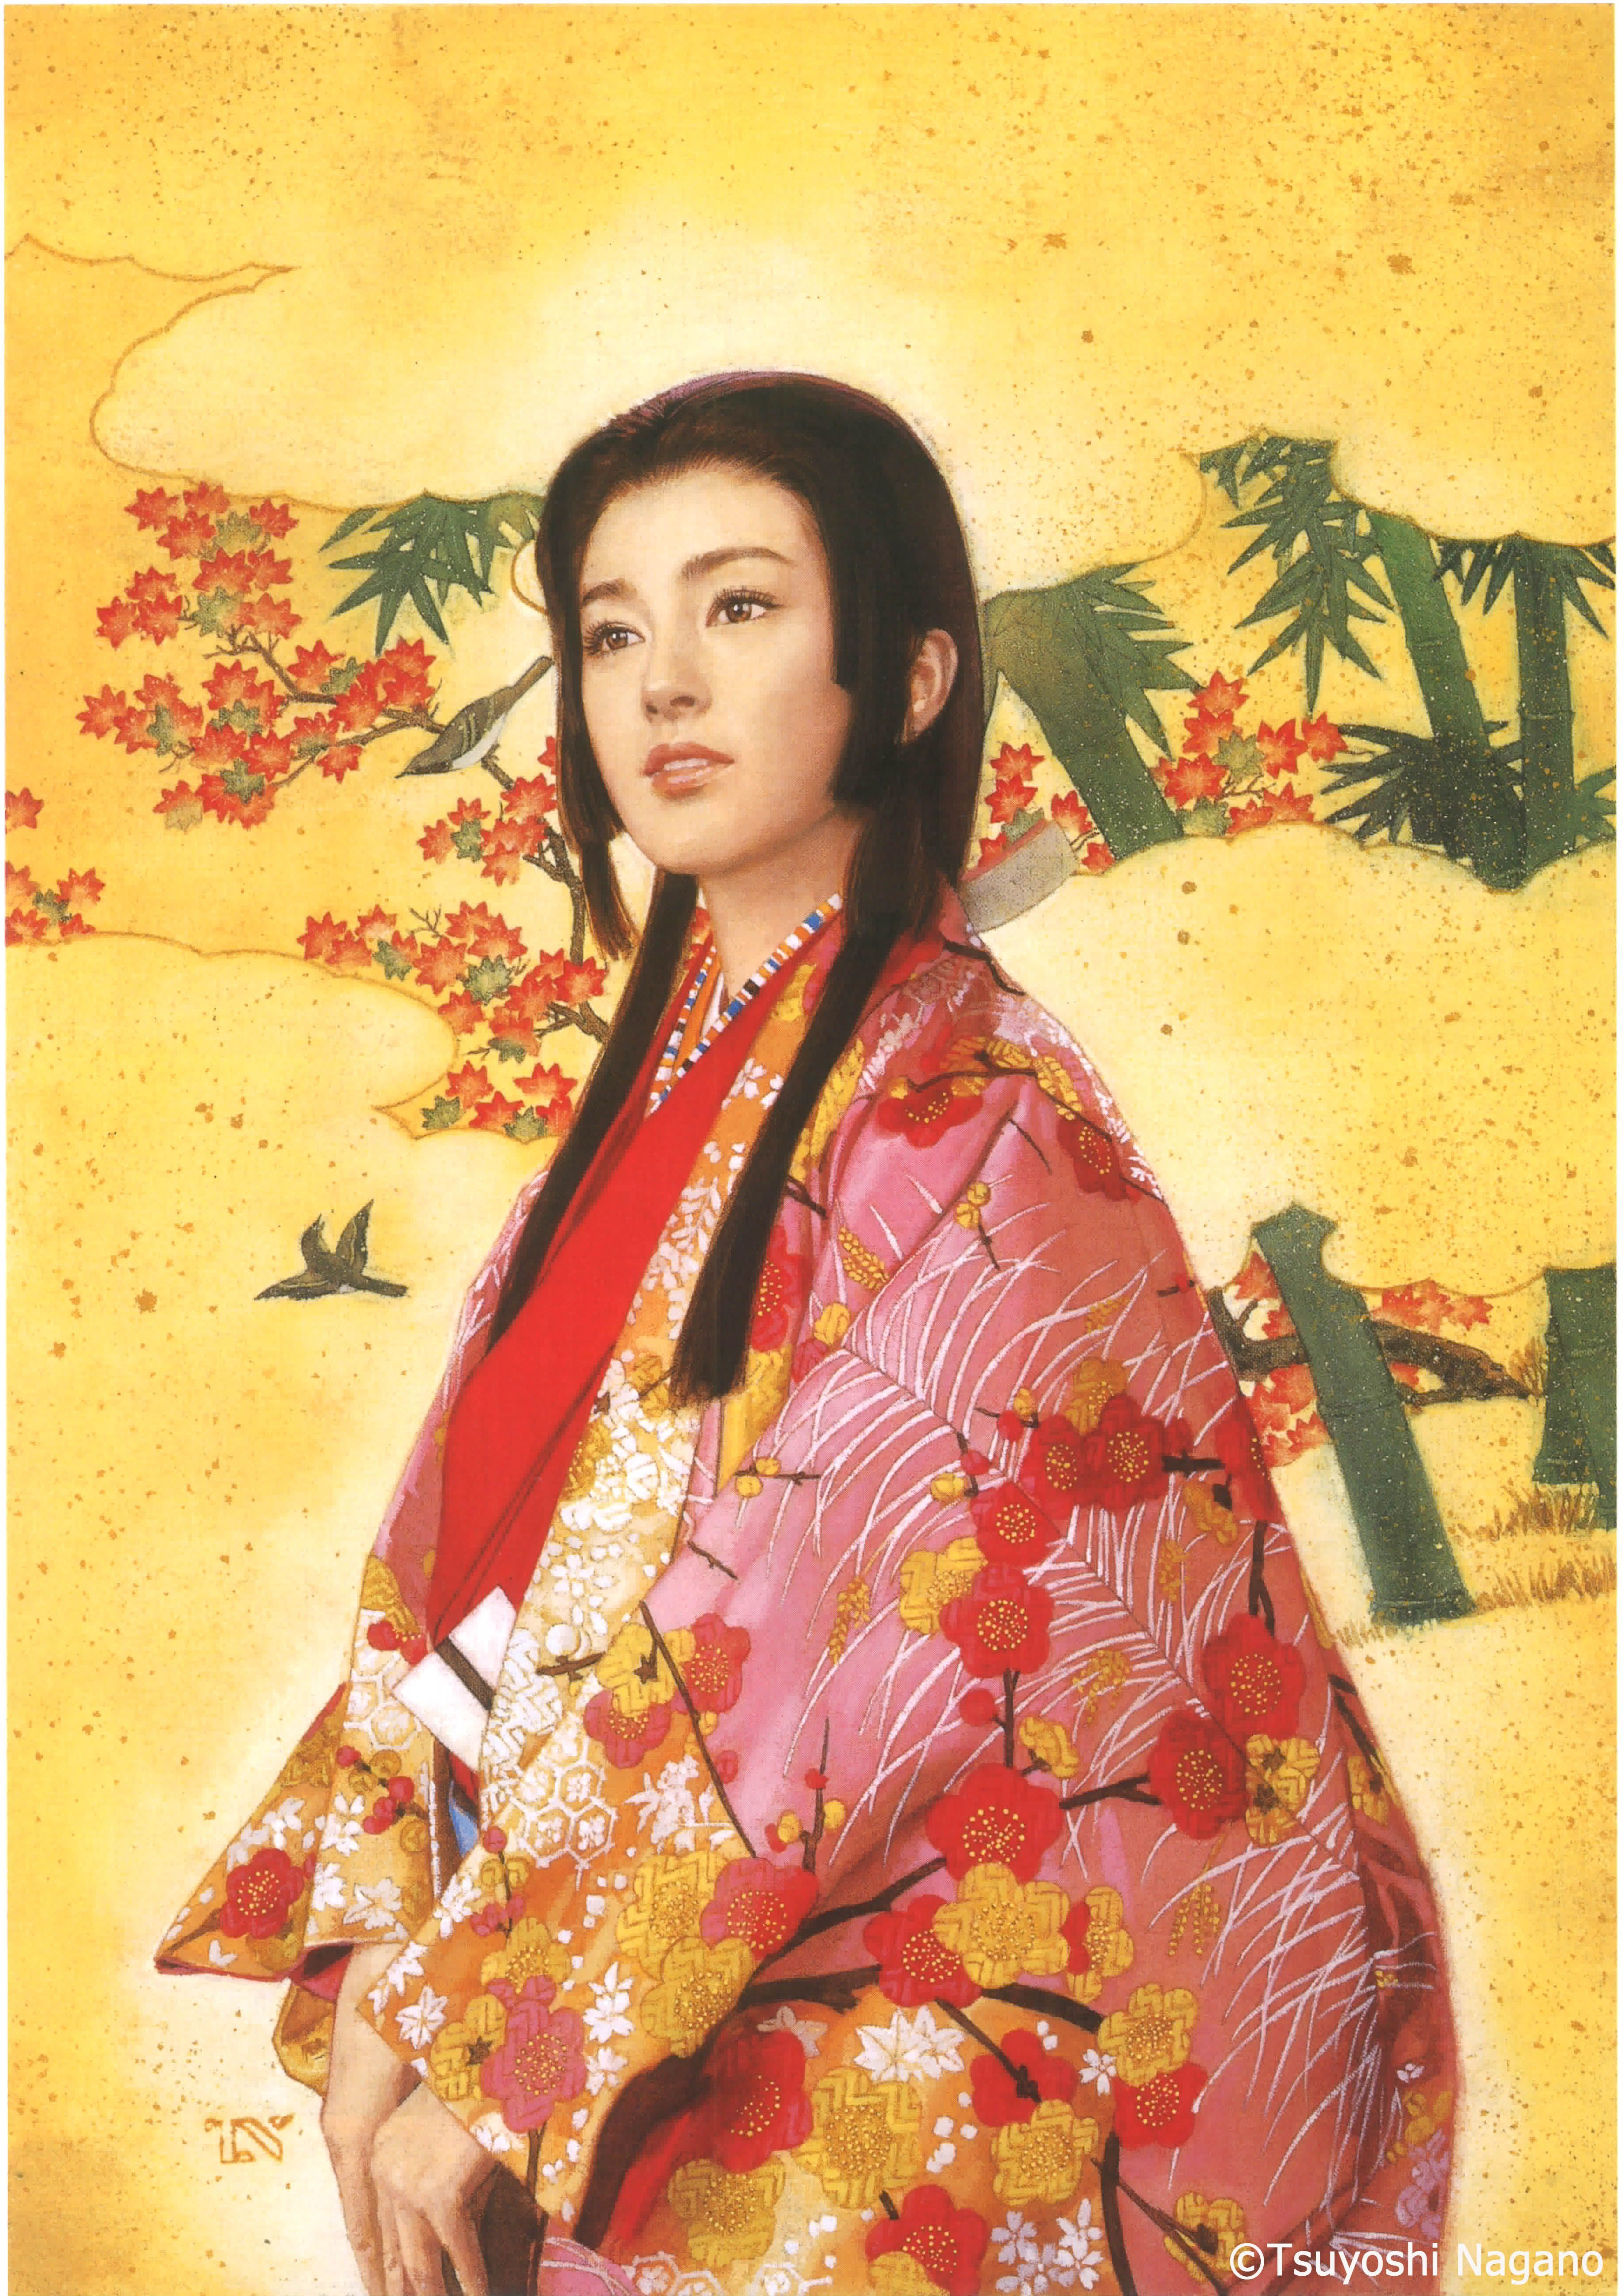 「お江」(C)Tsuyoshi Nagano